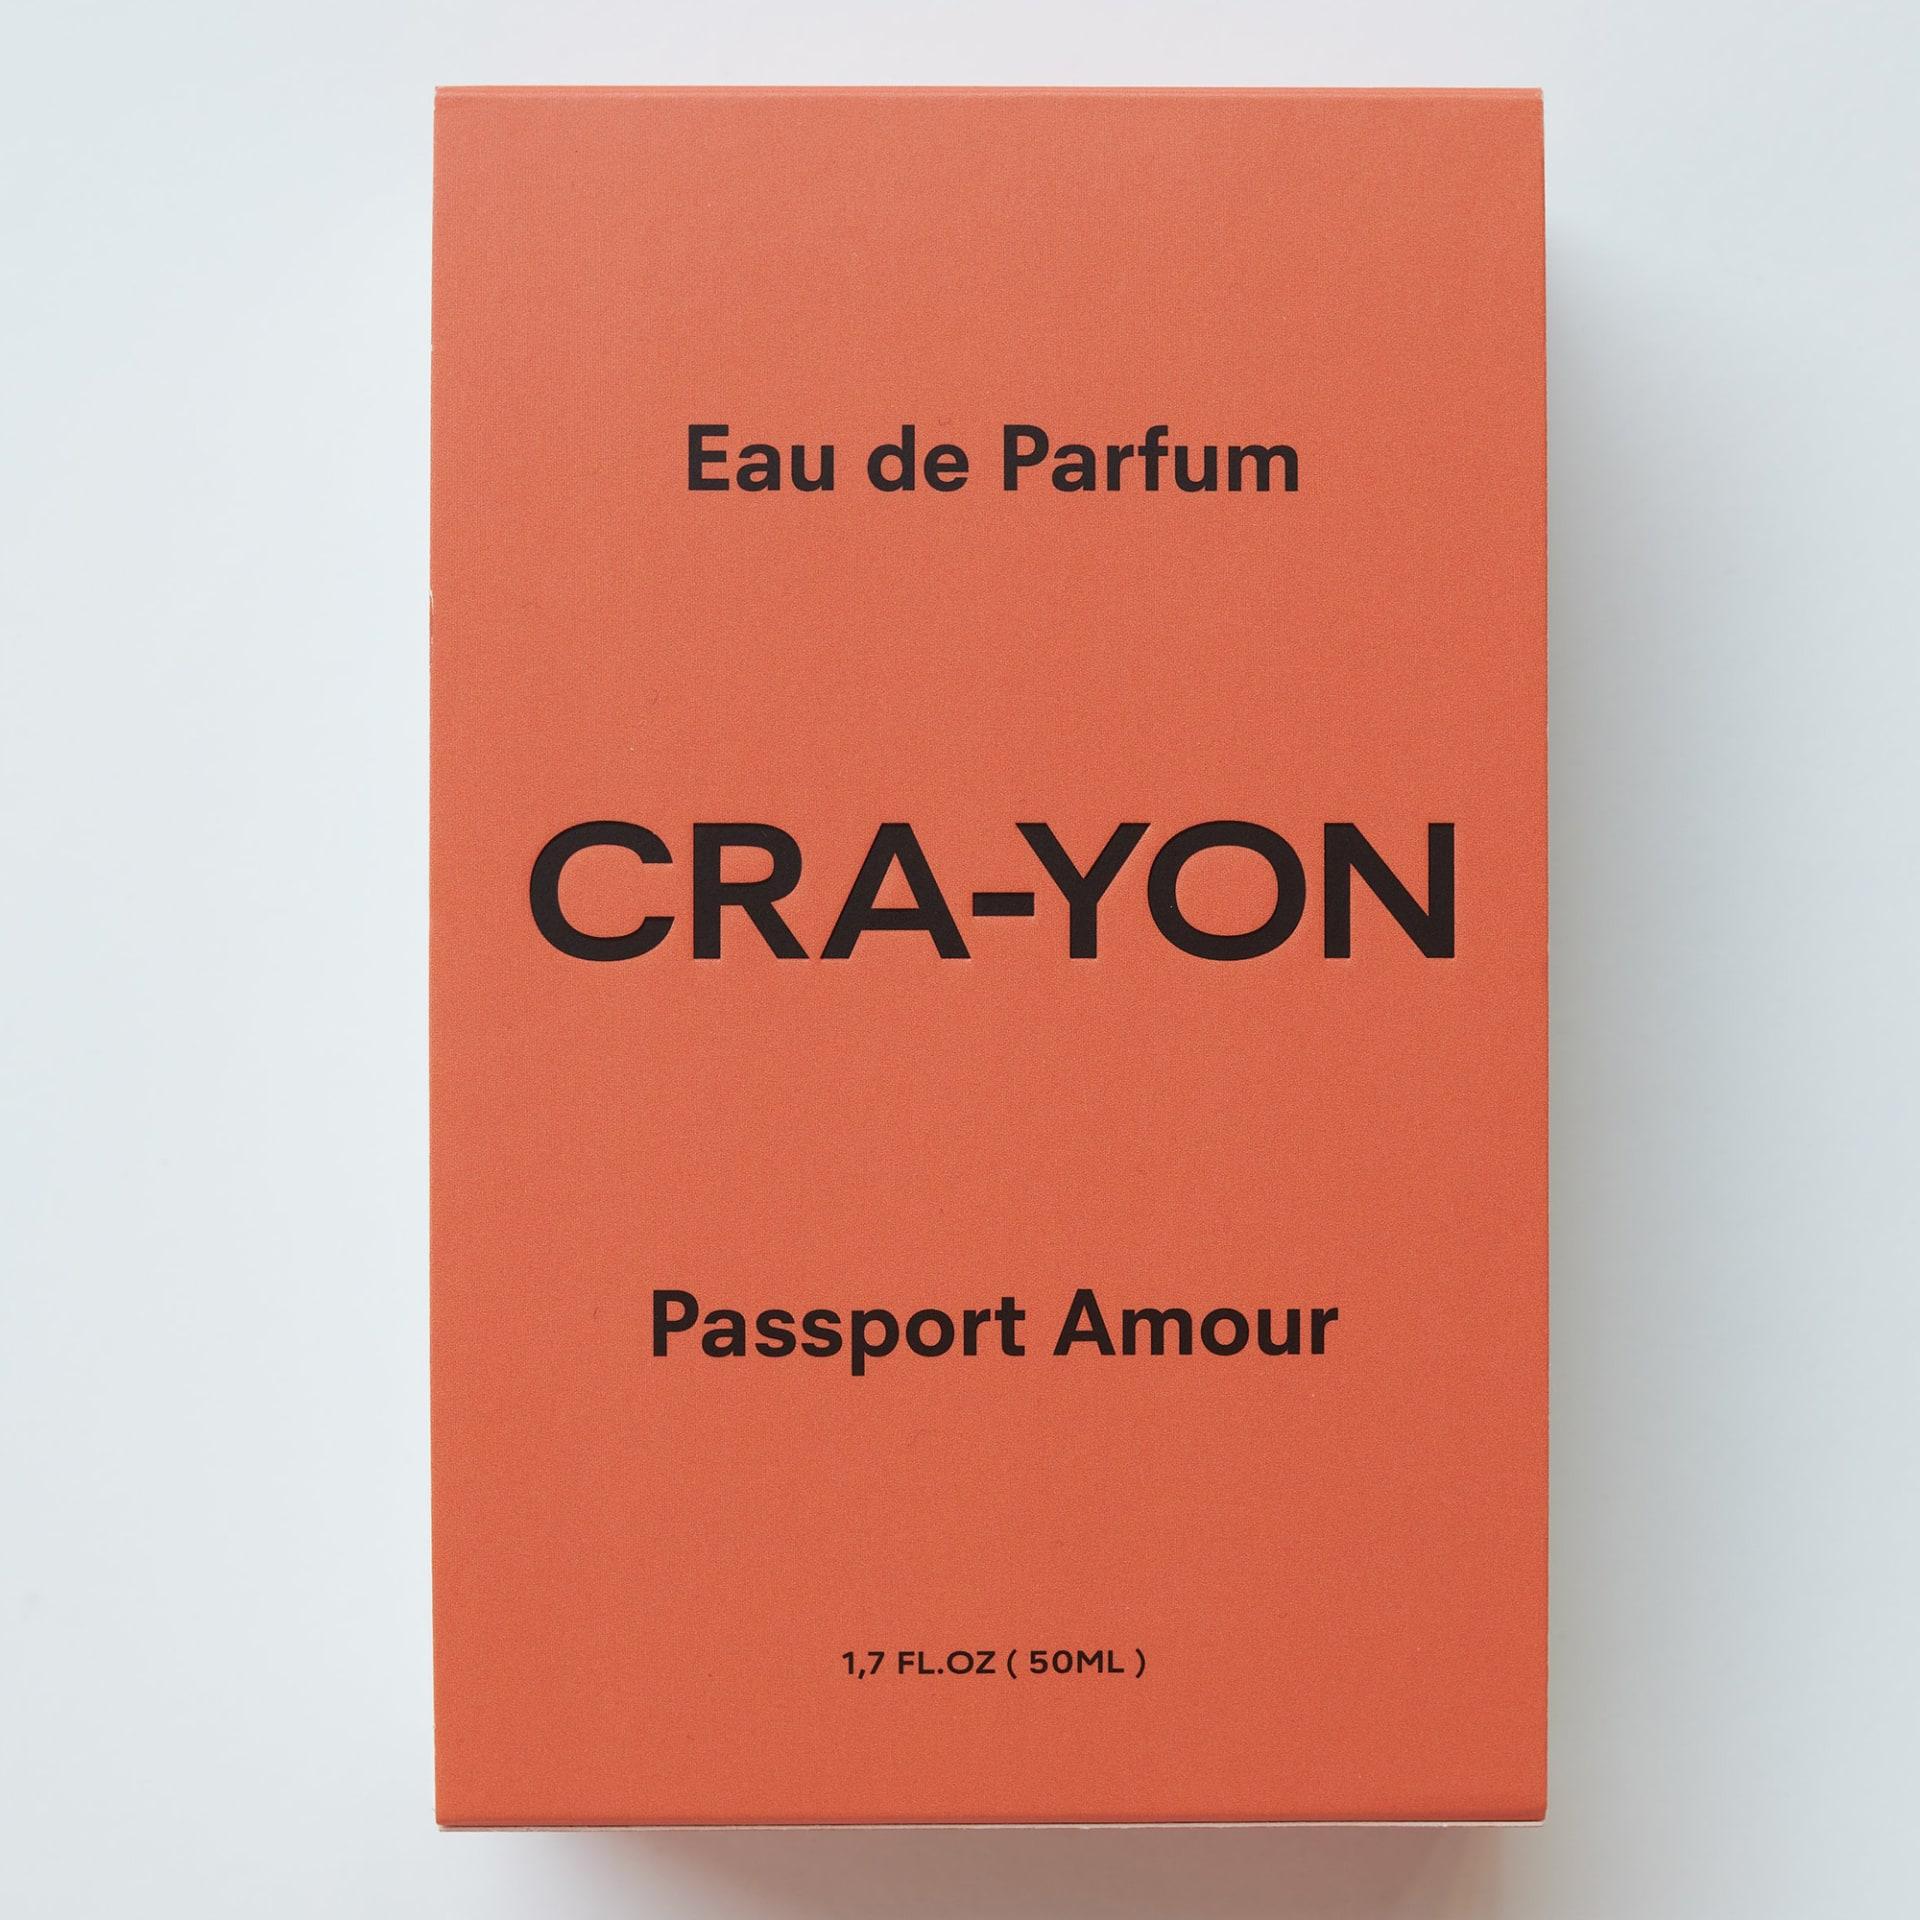 cra-yon-passport-amour-2